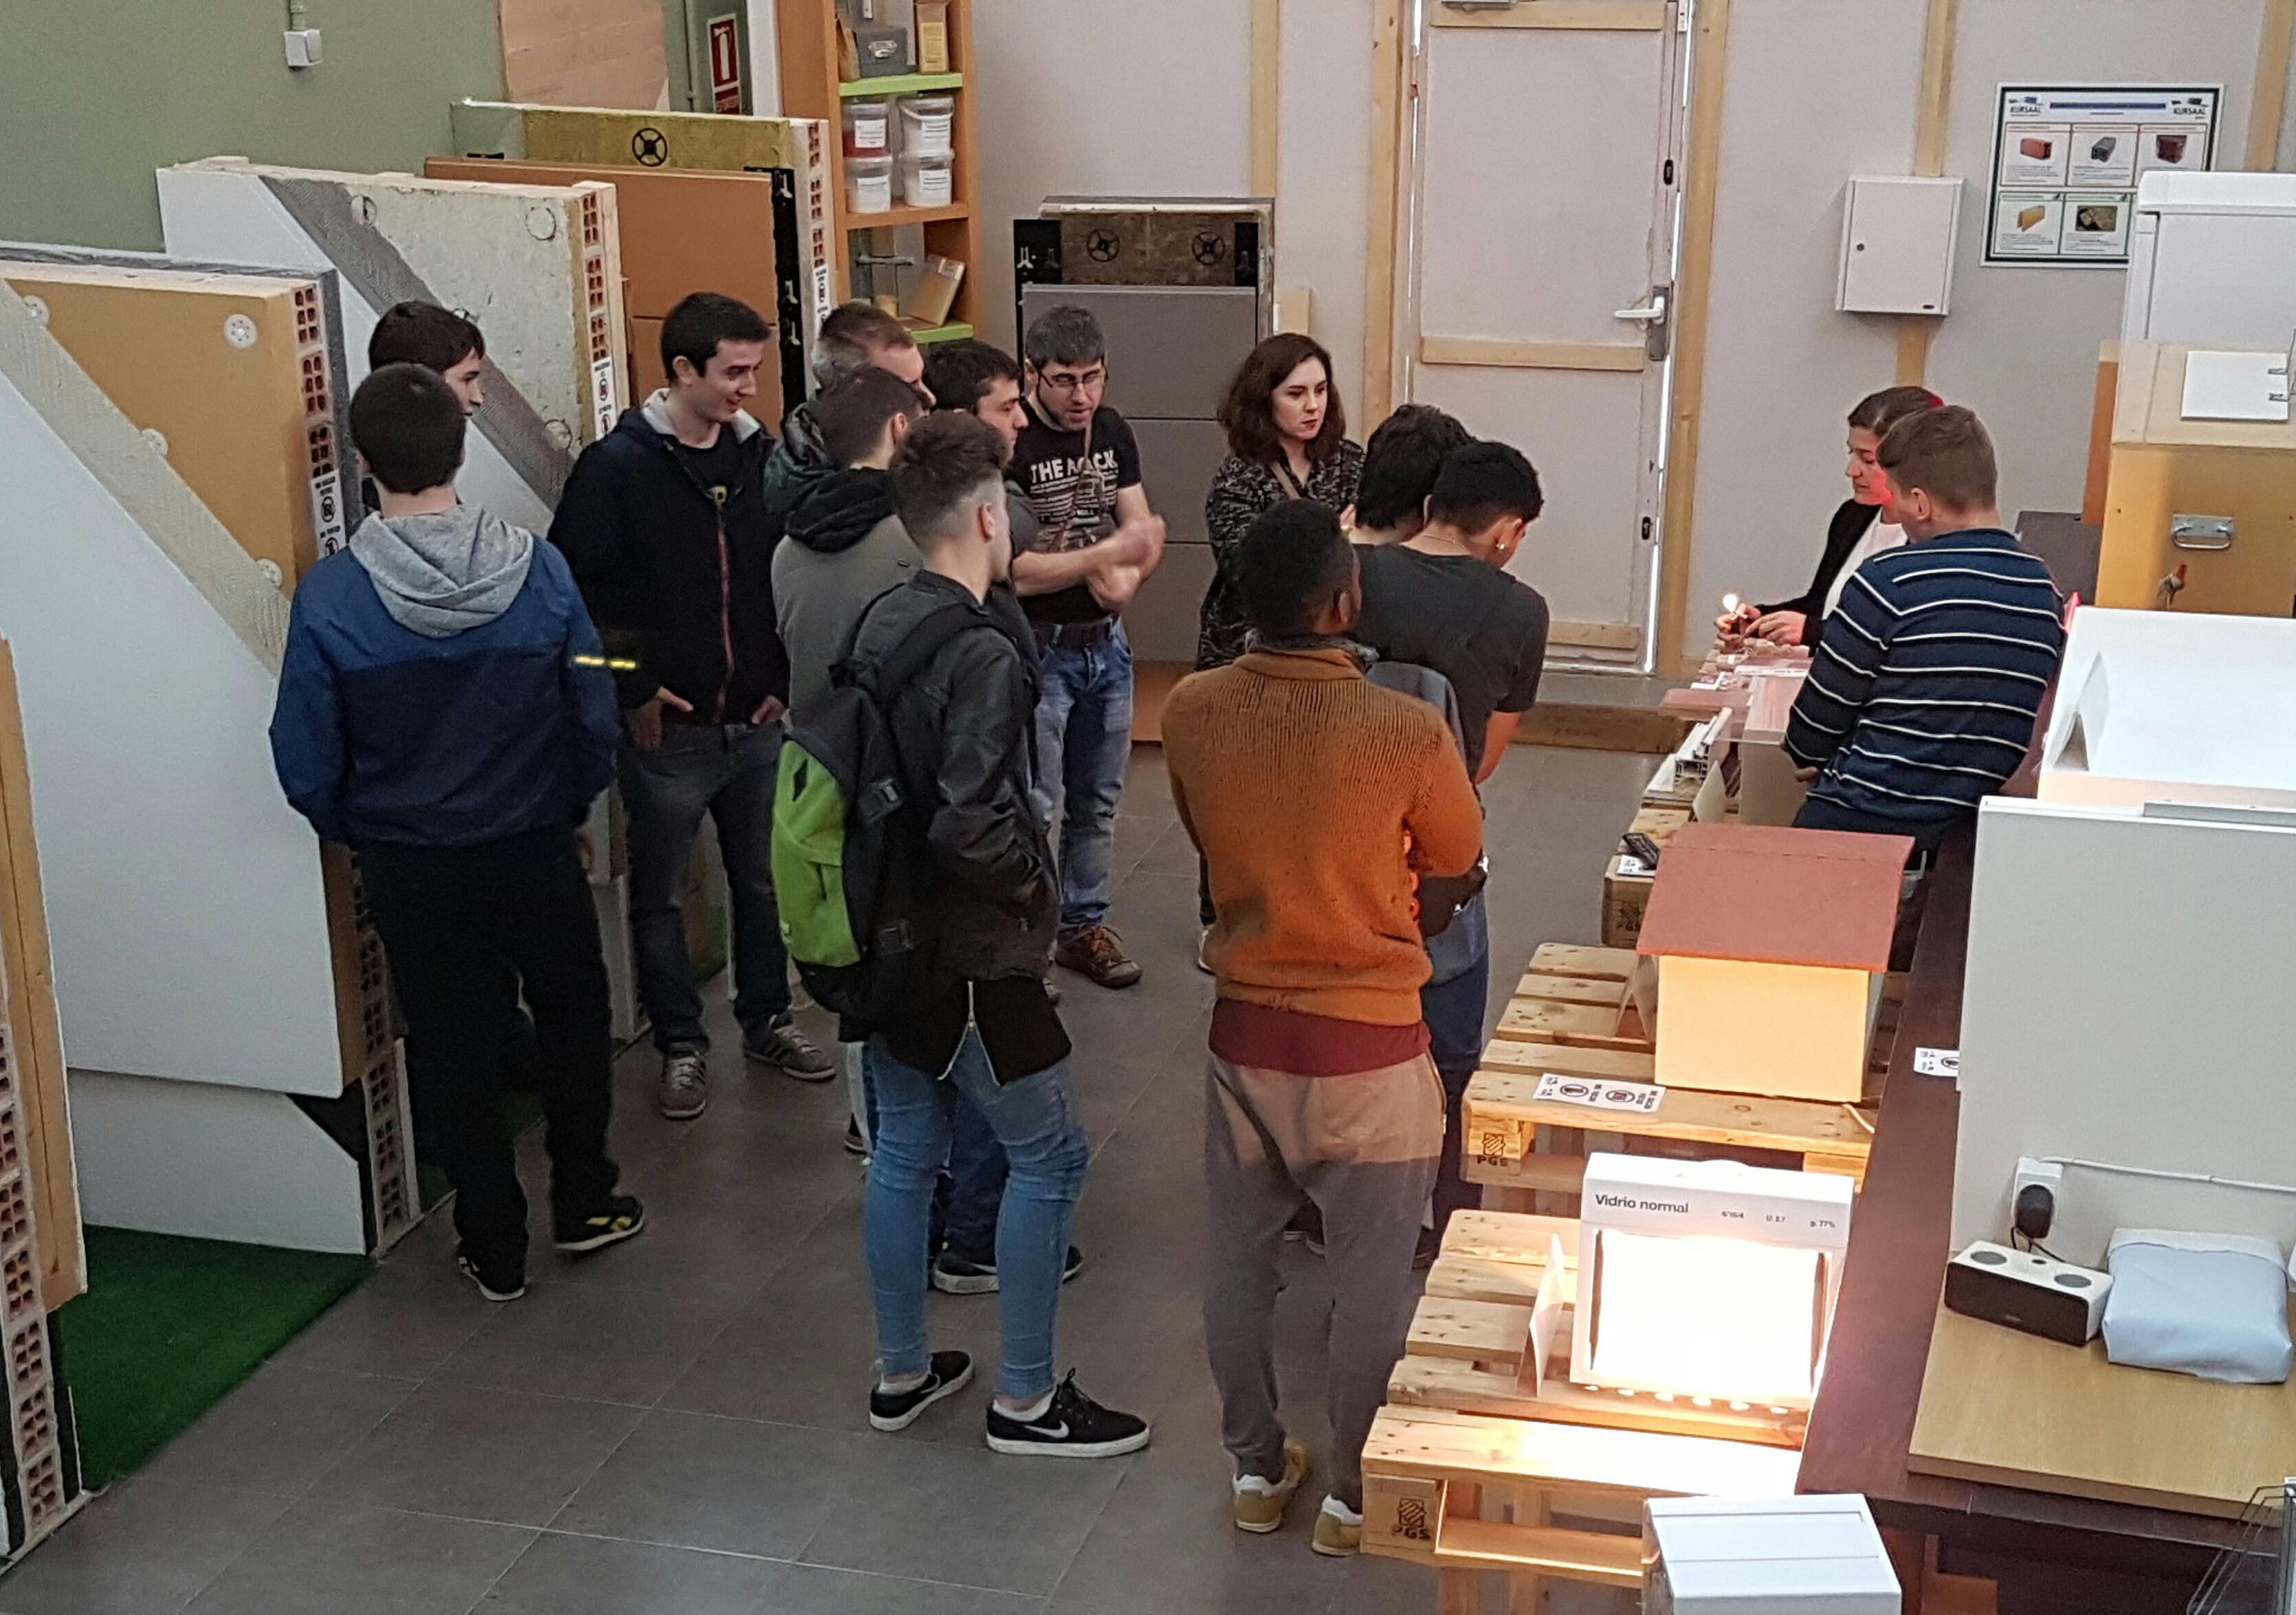 foto noticia: Alumnos del Instituto de Grado Medio de Formación Profesional Don Bosco visitan Kursaal Green Gela